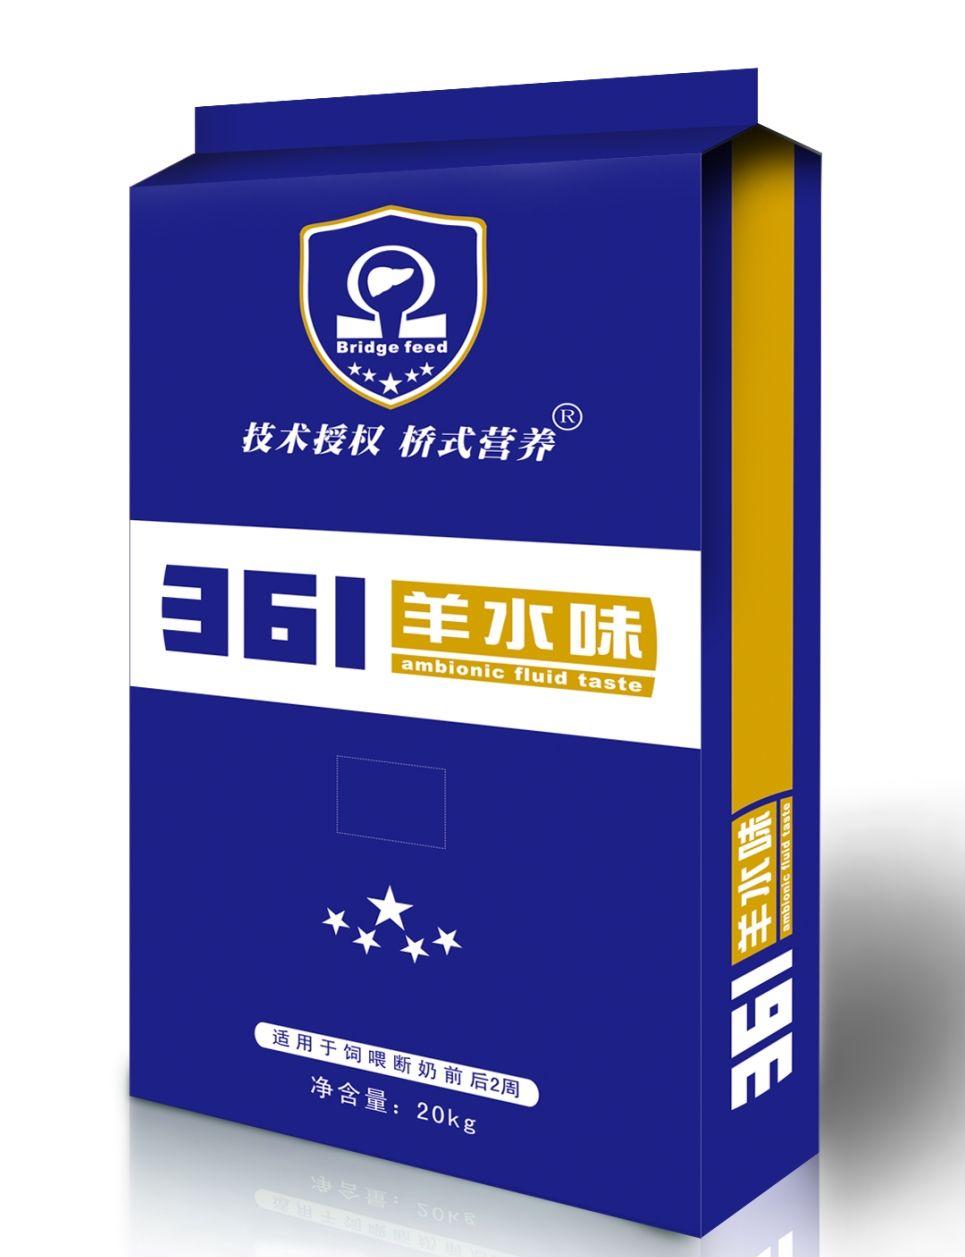 北京361羊水味教槽料建議